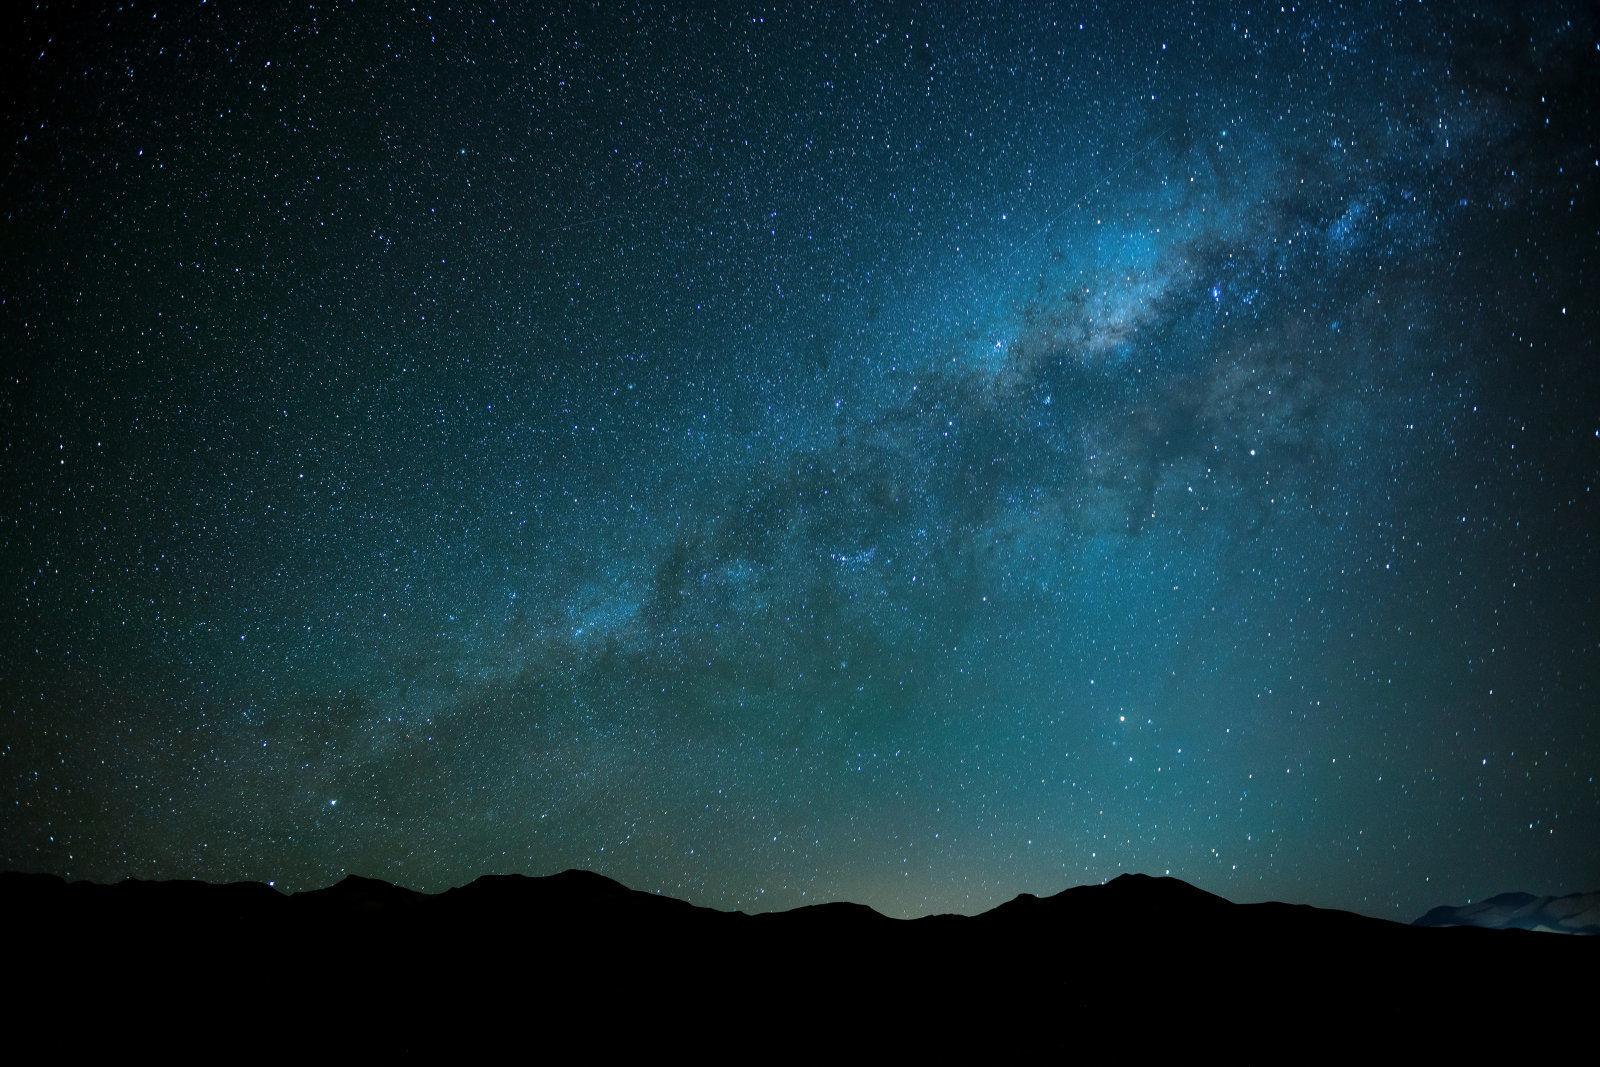 15億光年先の宇宙から届いた謎の電波バースト。CHIME電波望遠鏡の調整段階で観測 - Engadget 日本版